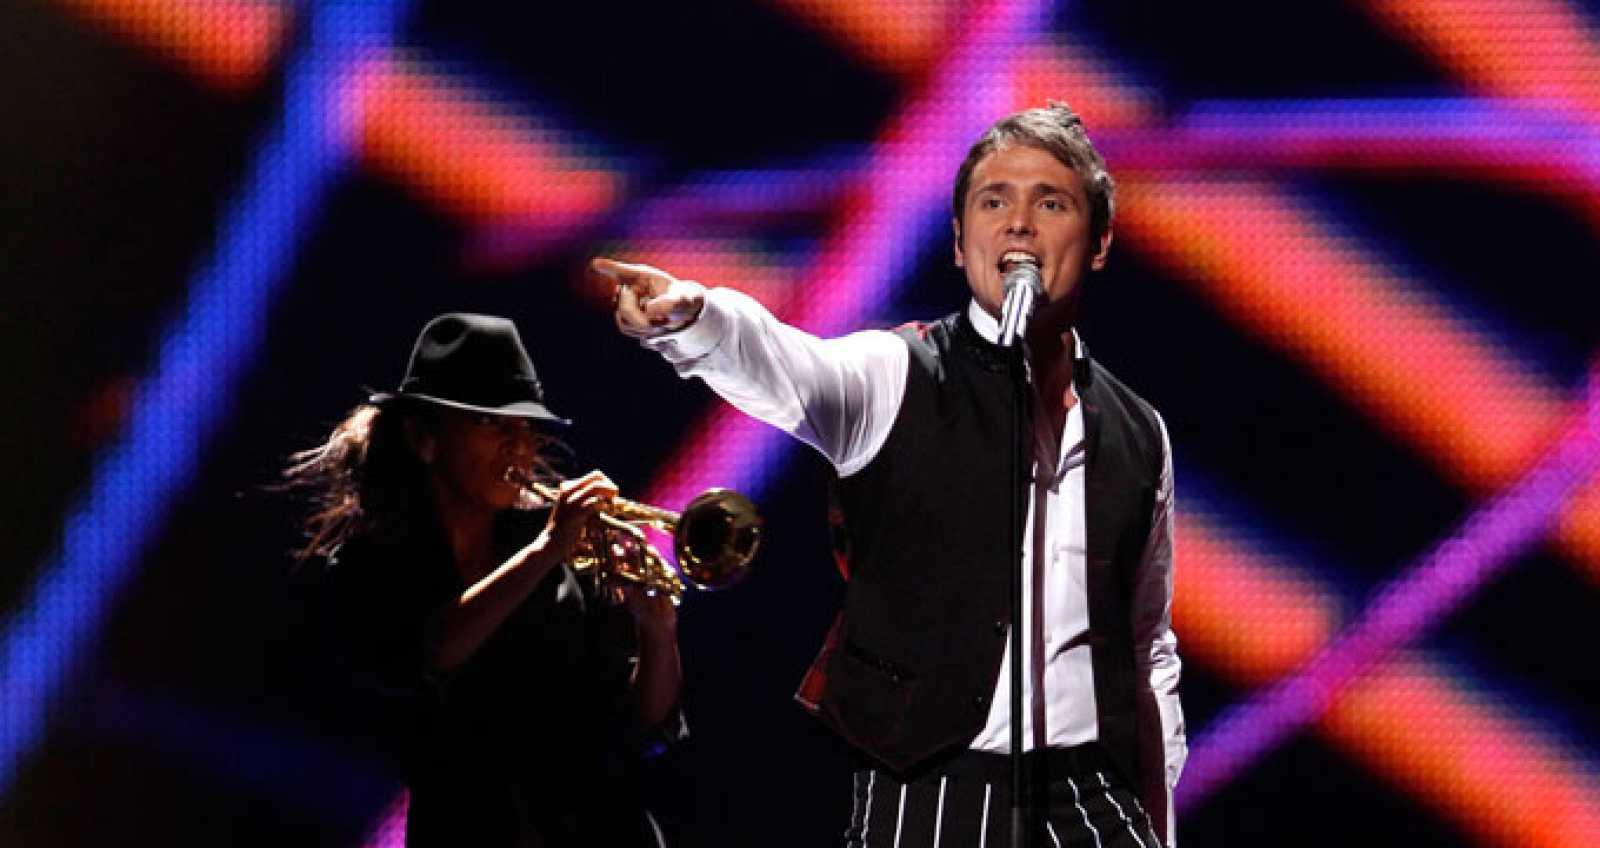 Eurovisión 2011 - 2ª semifinal - Rumanía